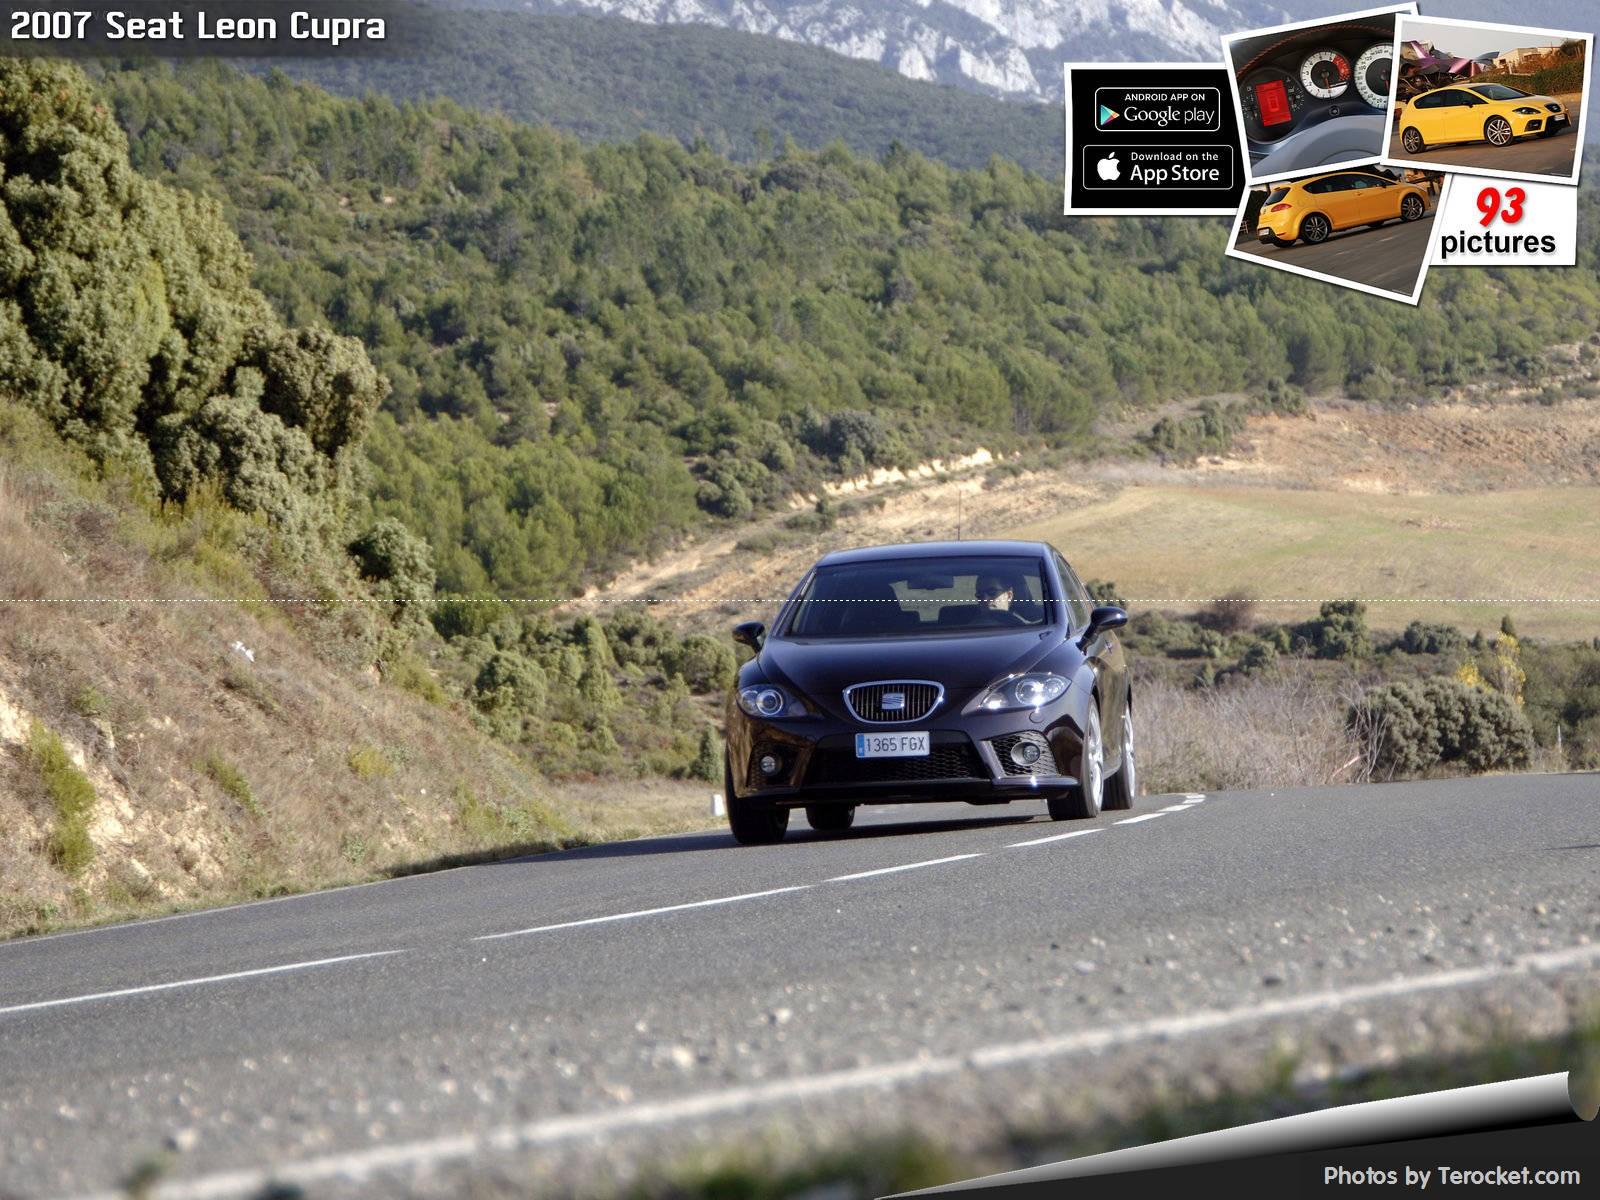 Hình ảnh xe ô tô Seat Leon Cupra 2007 & nội ngoại thất